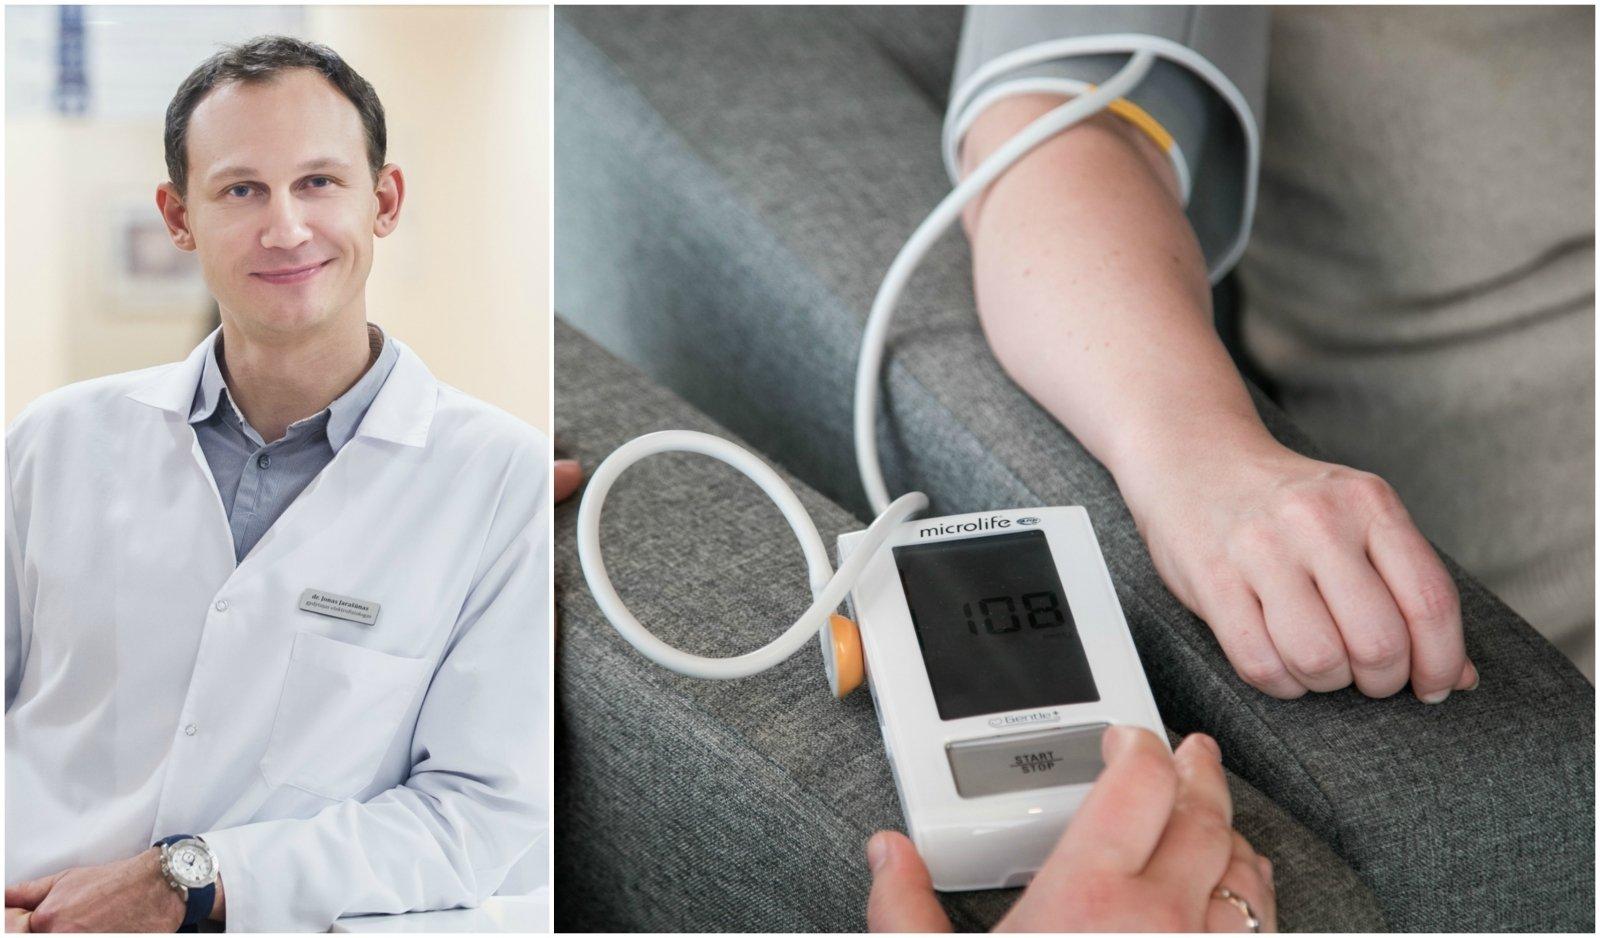 kokie vaistai yra hipertenzijai gydyti